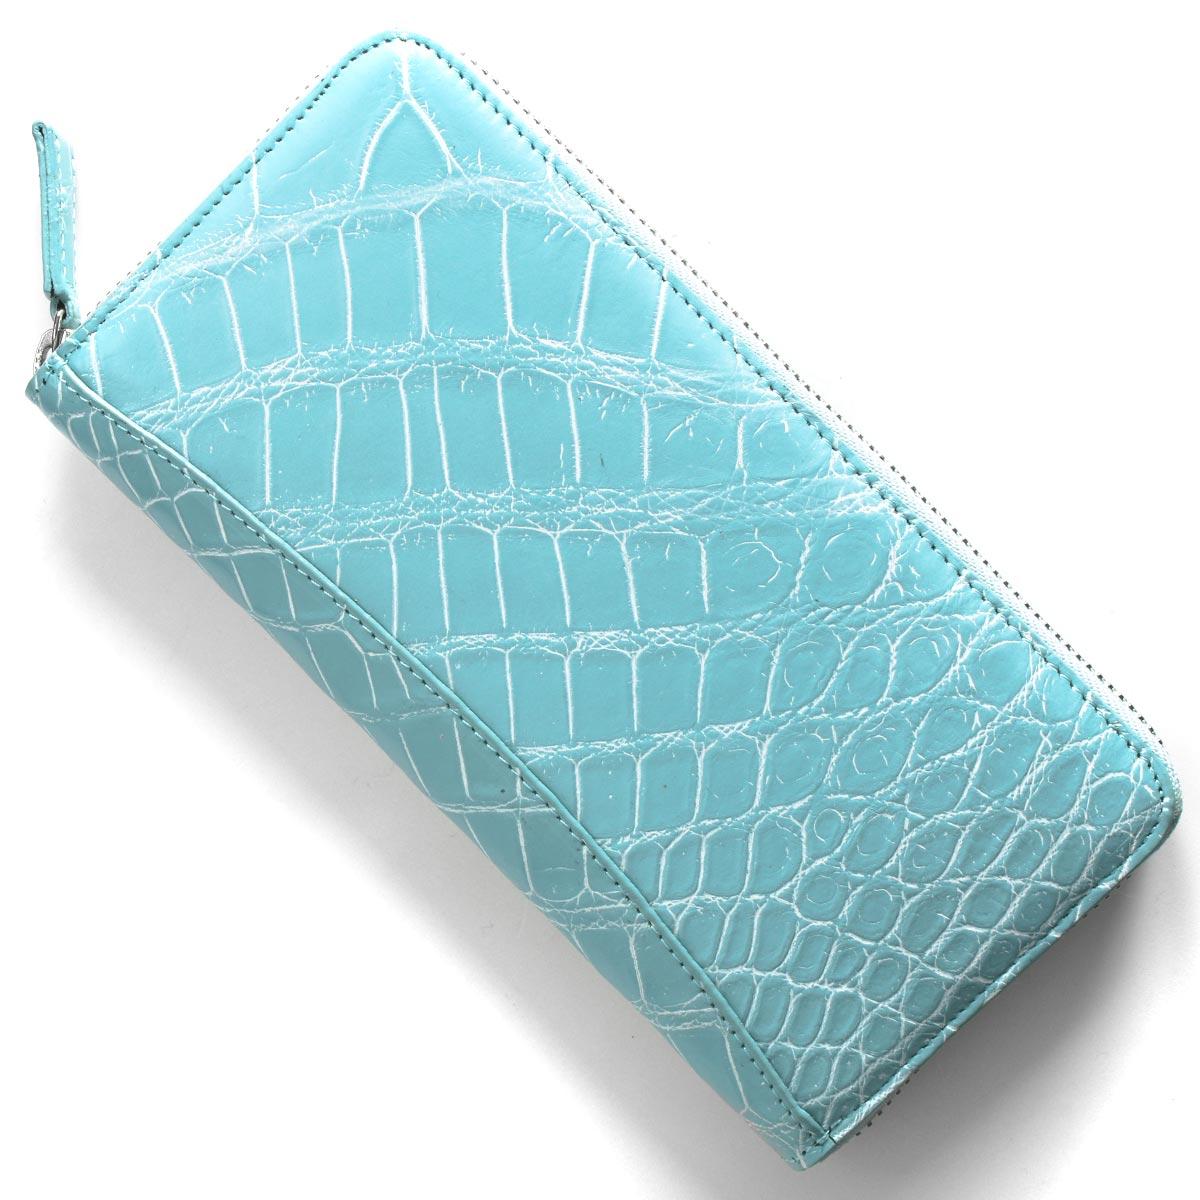 本革 長財布 財布 メンズ レディース クロコ エメラルドブルー&ホワイト CRS002P EMWH Leather